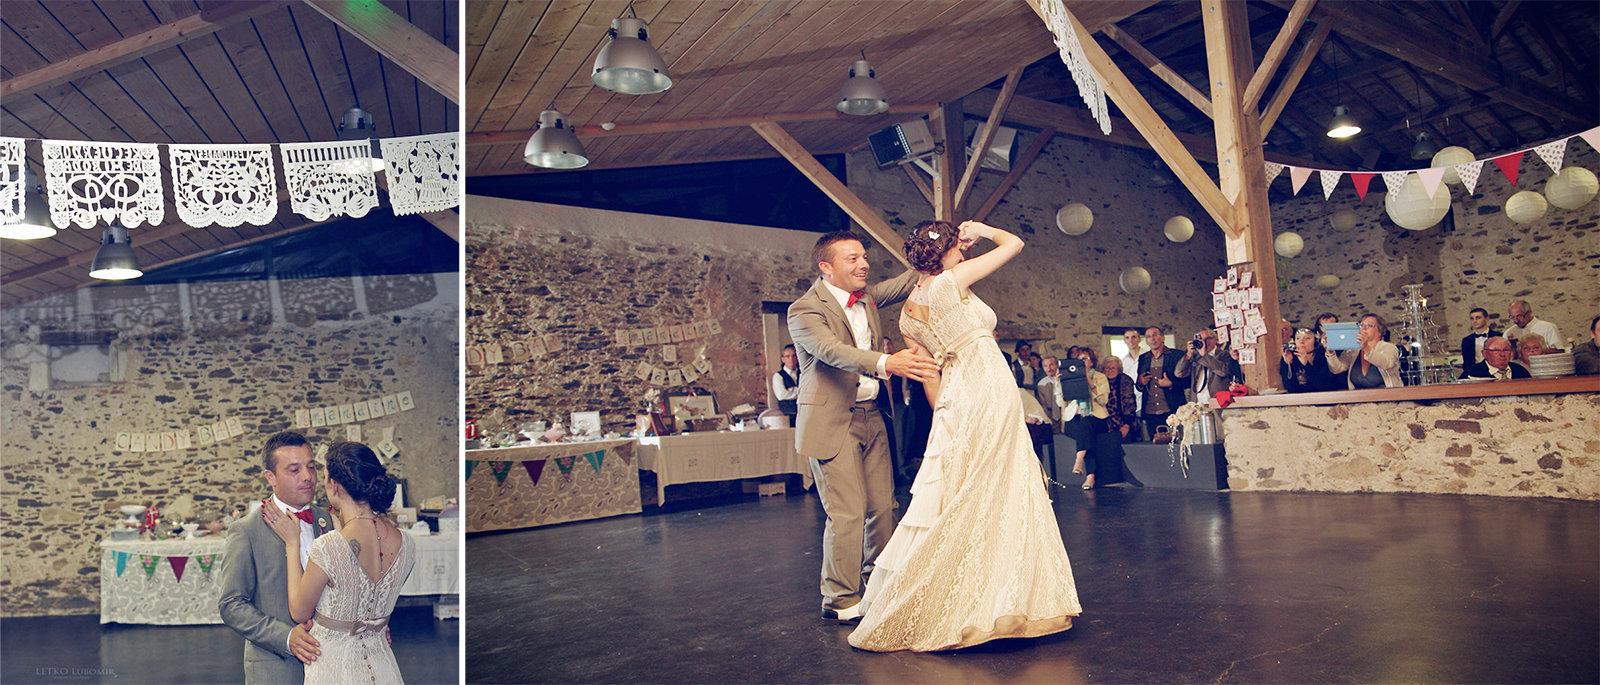 photographe de mariage a nantes.jpg